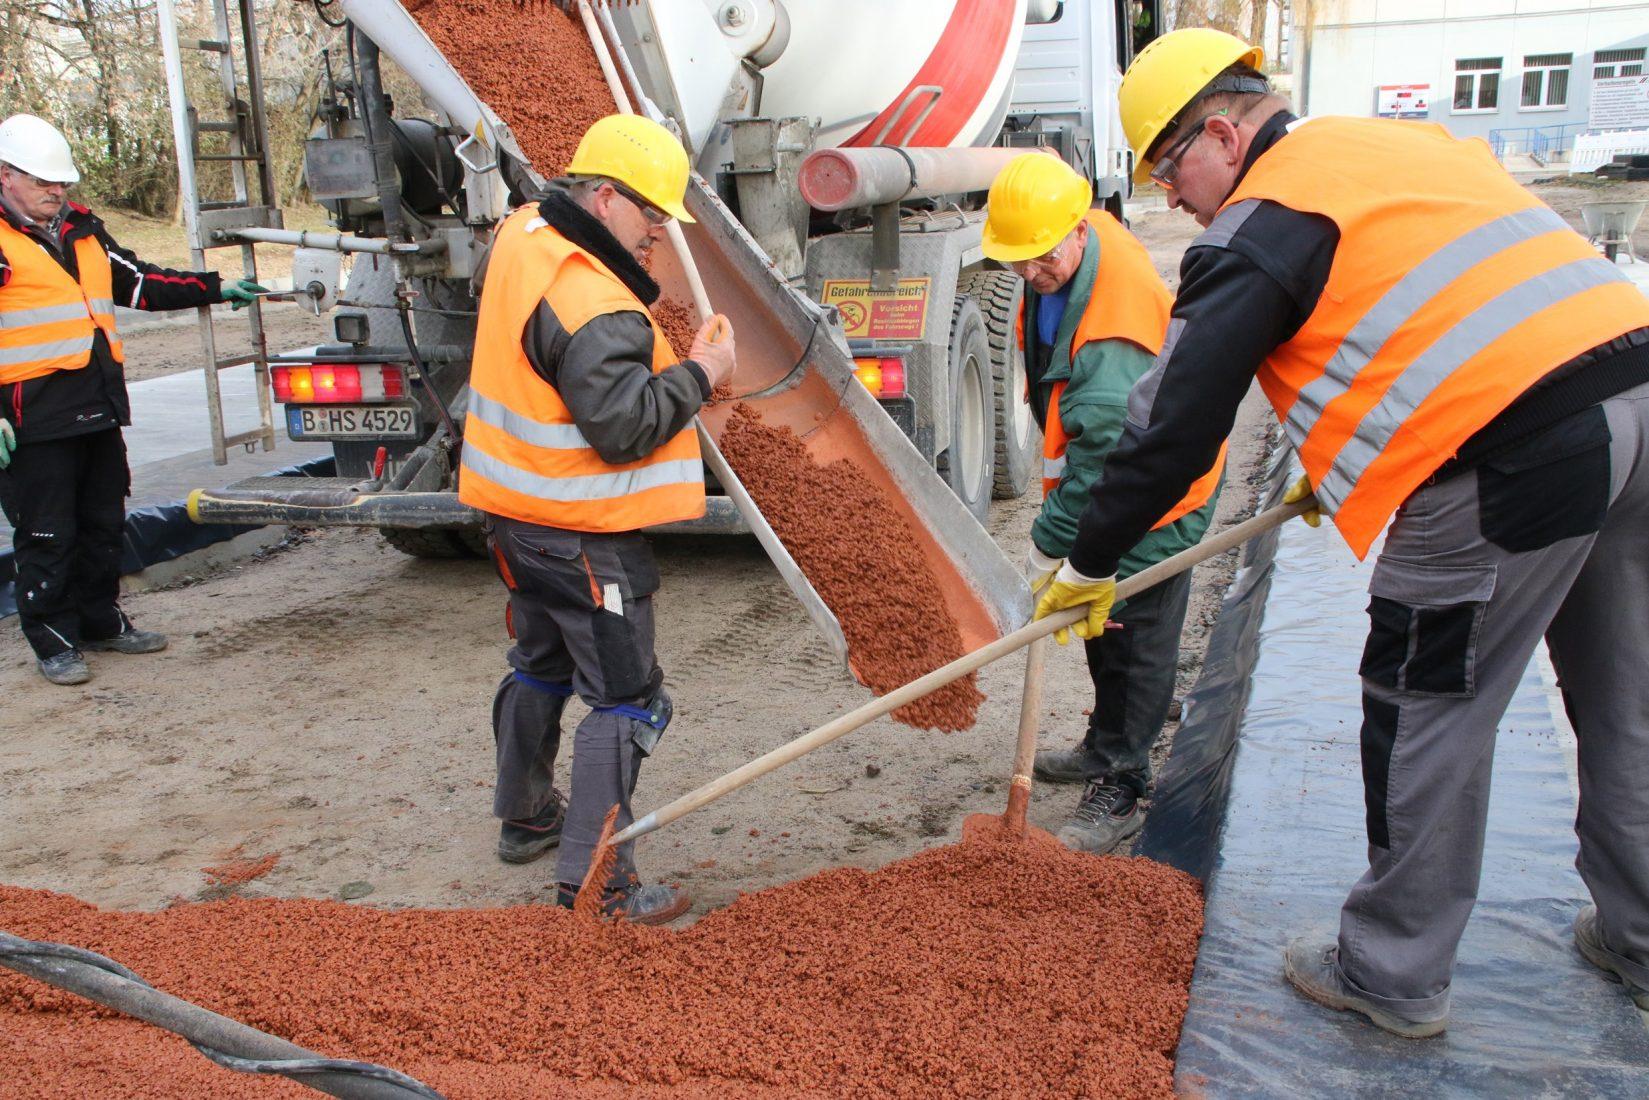 Für den Straßenbau wird Dränbeton als frischer Transportbeton angeliefert. Foto: Cemex Deutschland AG/Annette Lüning